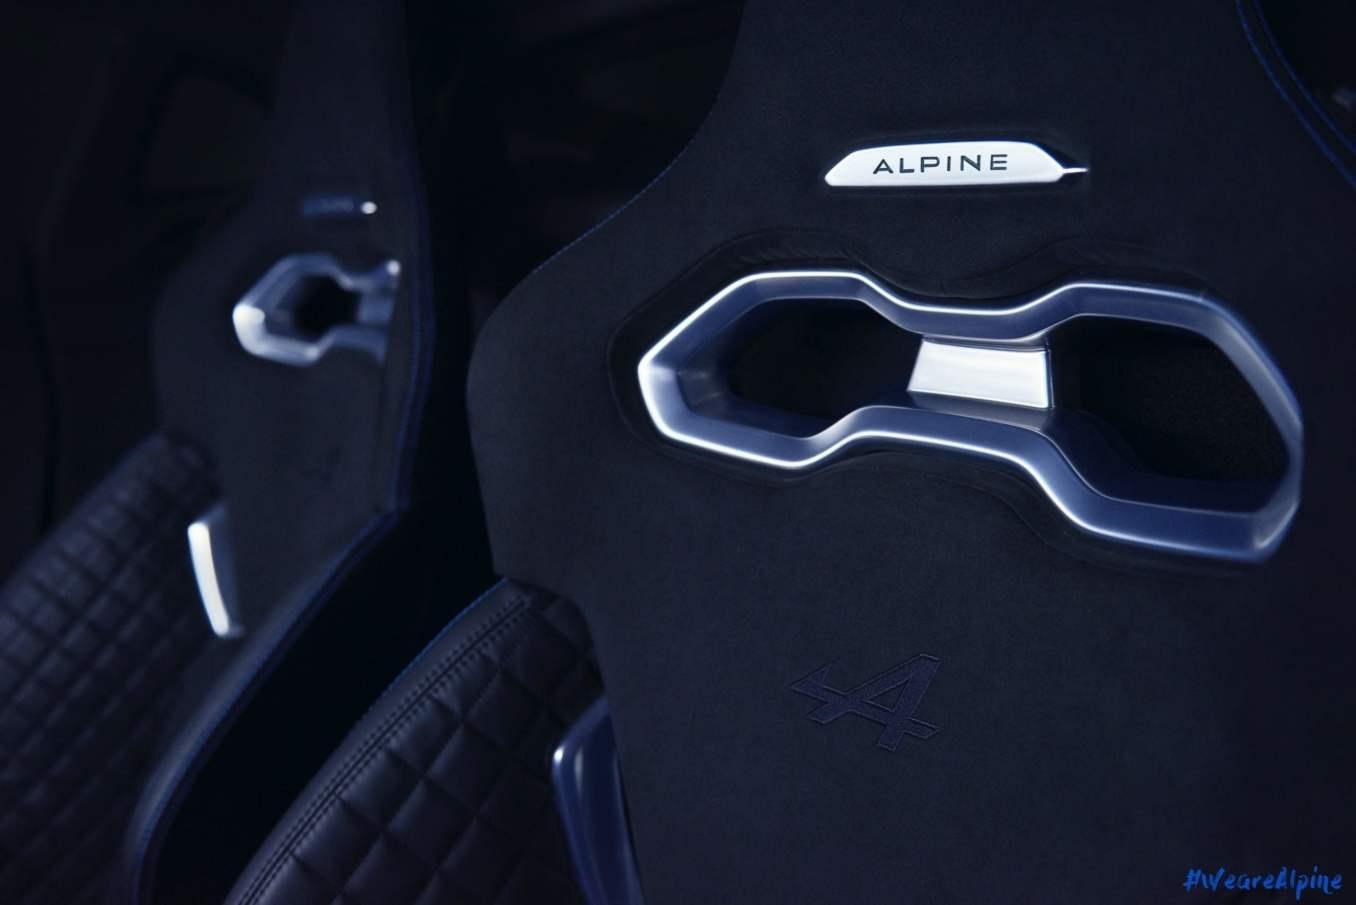 Genève 2017 Alpine A110 Premiere edition officielle 39 imp scaled | Salon de Genève 2017, toutes les informations officielles de l'Alpine A110 !